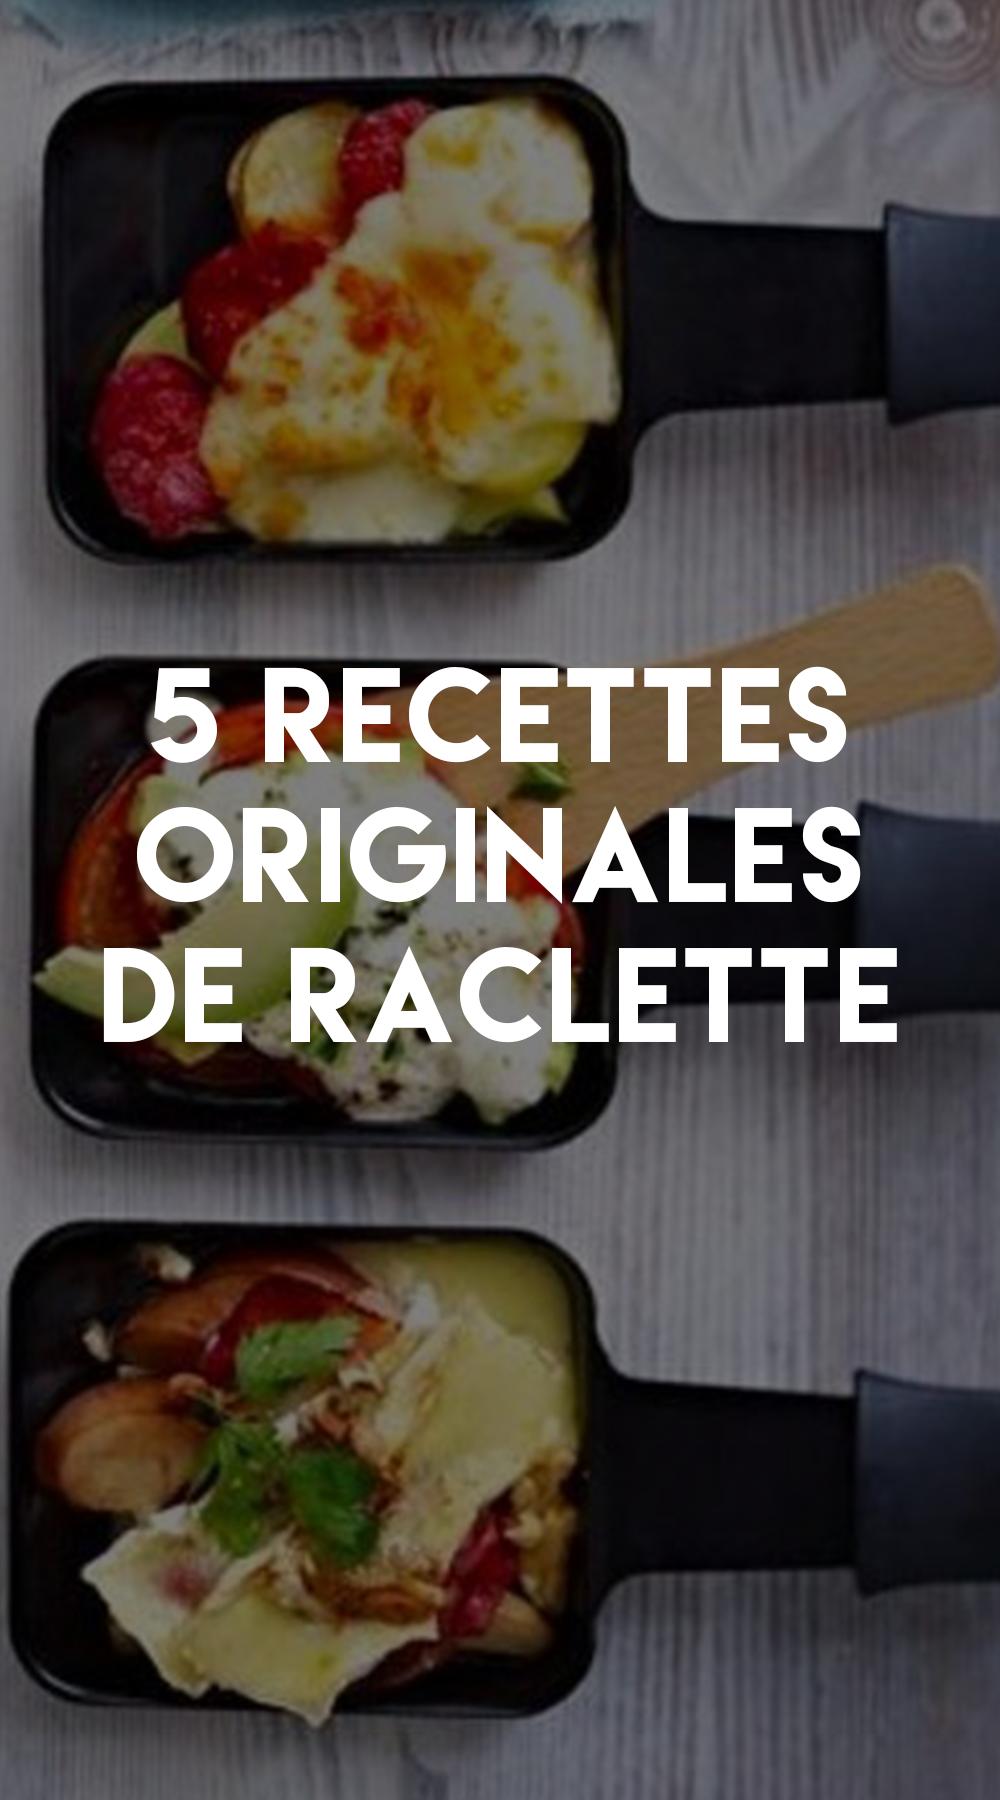 raclette 5 recettes originales cuisine et recettes. Black Bedroom Furniture Sets. Home Design Ideas